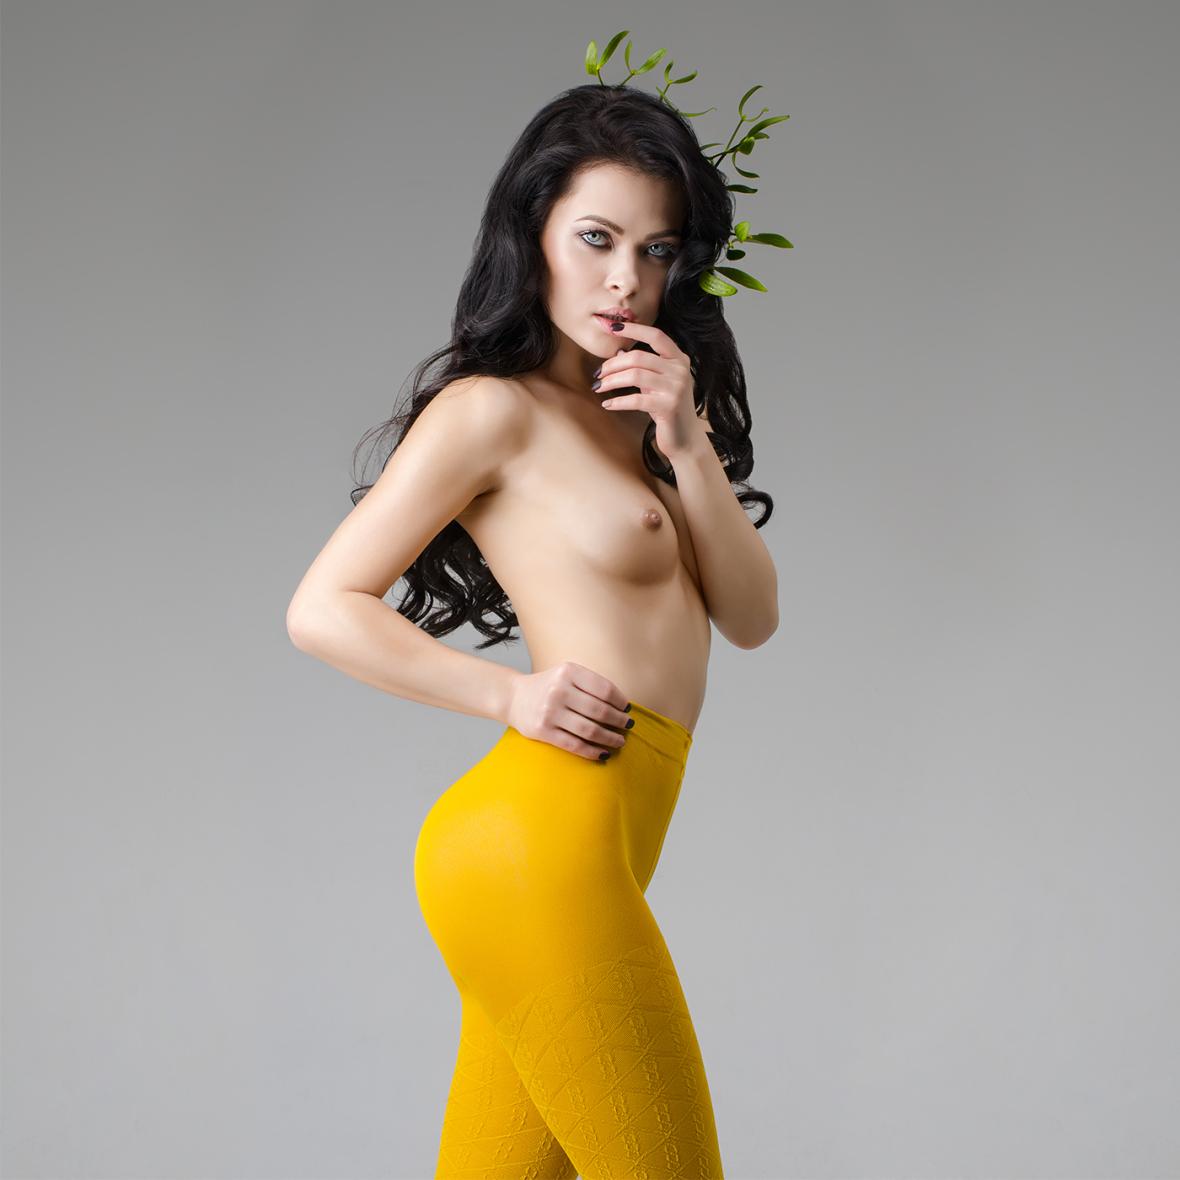 Alina Mayer - Olga Sidorenko photoshoot